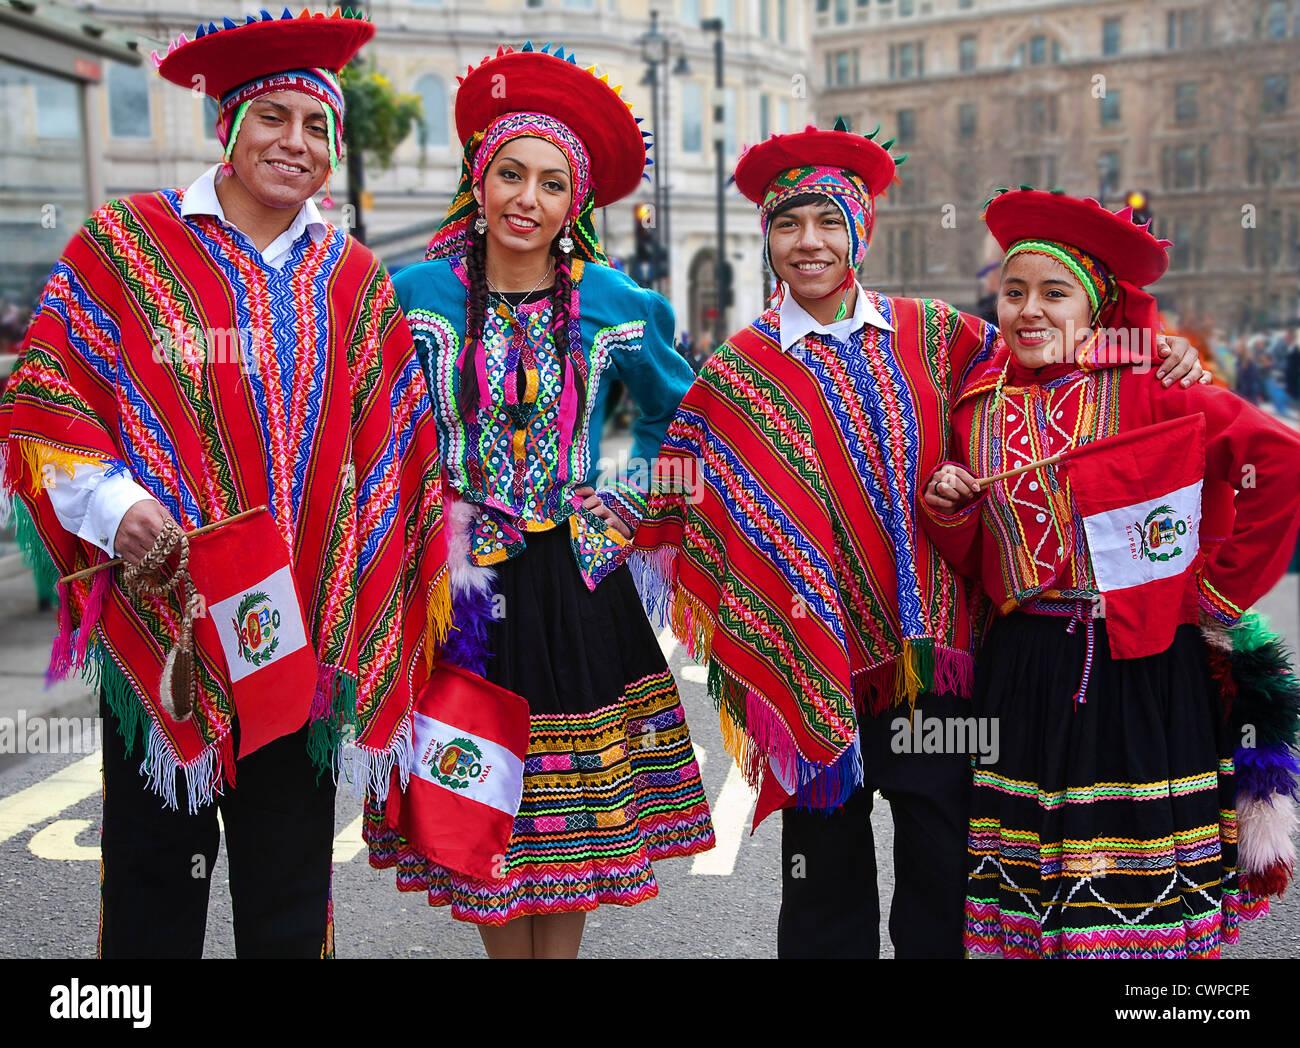 En el Reino Unido. Inglaterra. Londres. Cuatro personas en traje tradicional peruano durante las celebraciones del Imagen De Stock